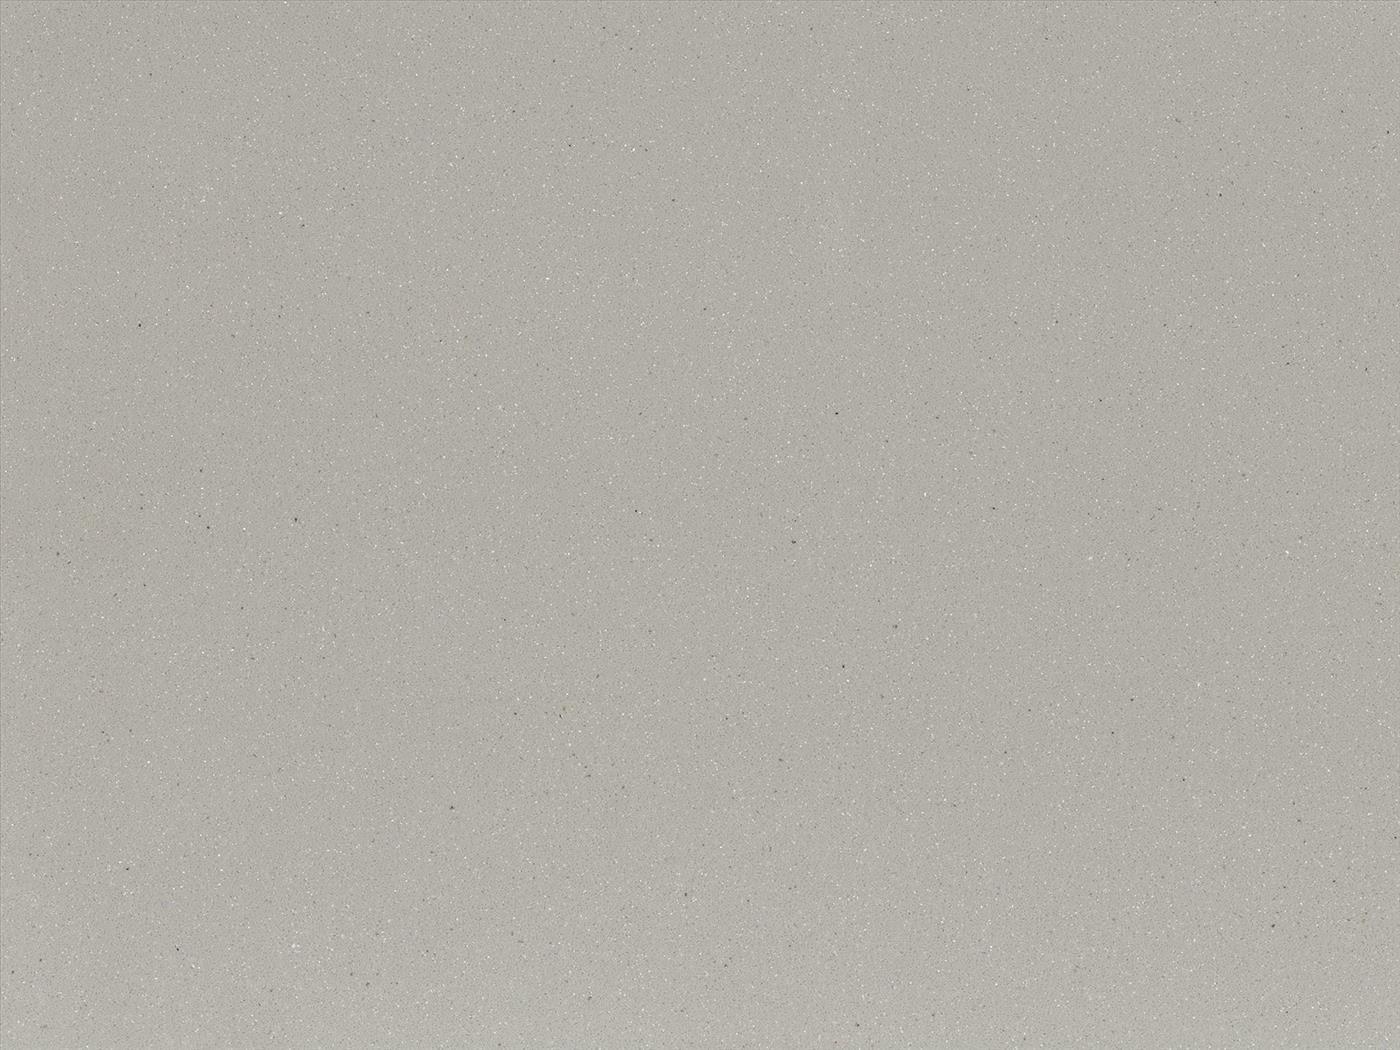 קוריאן corian warm gray